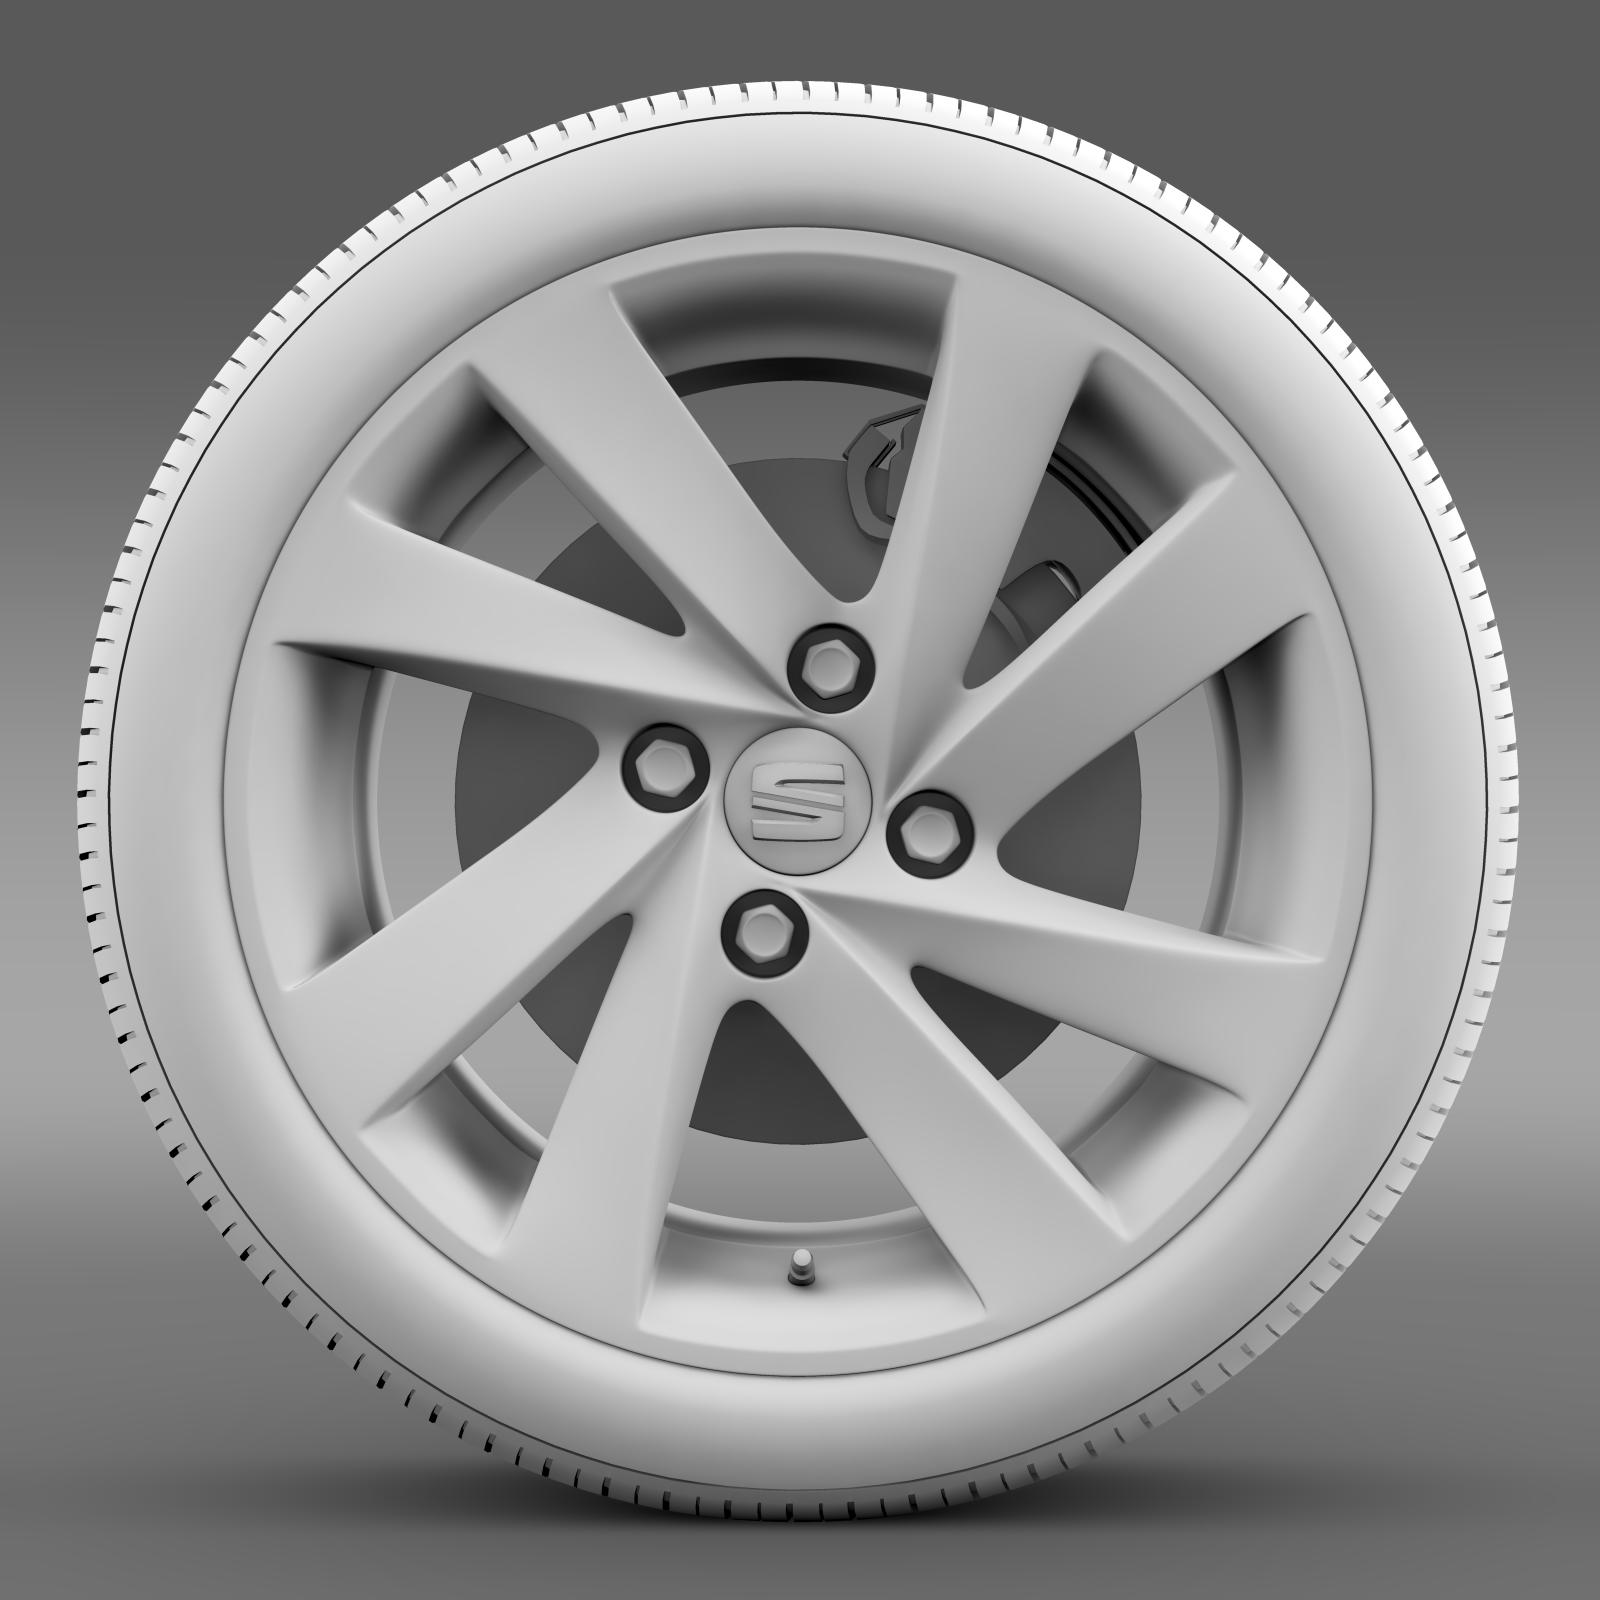 seat mii wheel 3d model 3ds max fbx c4d lwo ma mb hrc xsi obj 210863